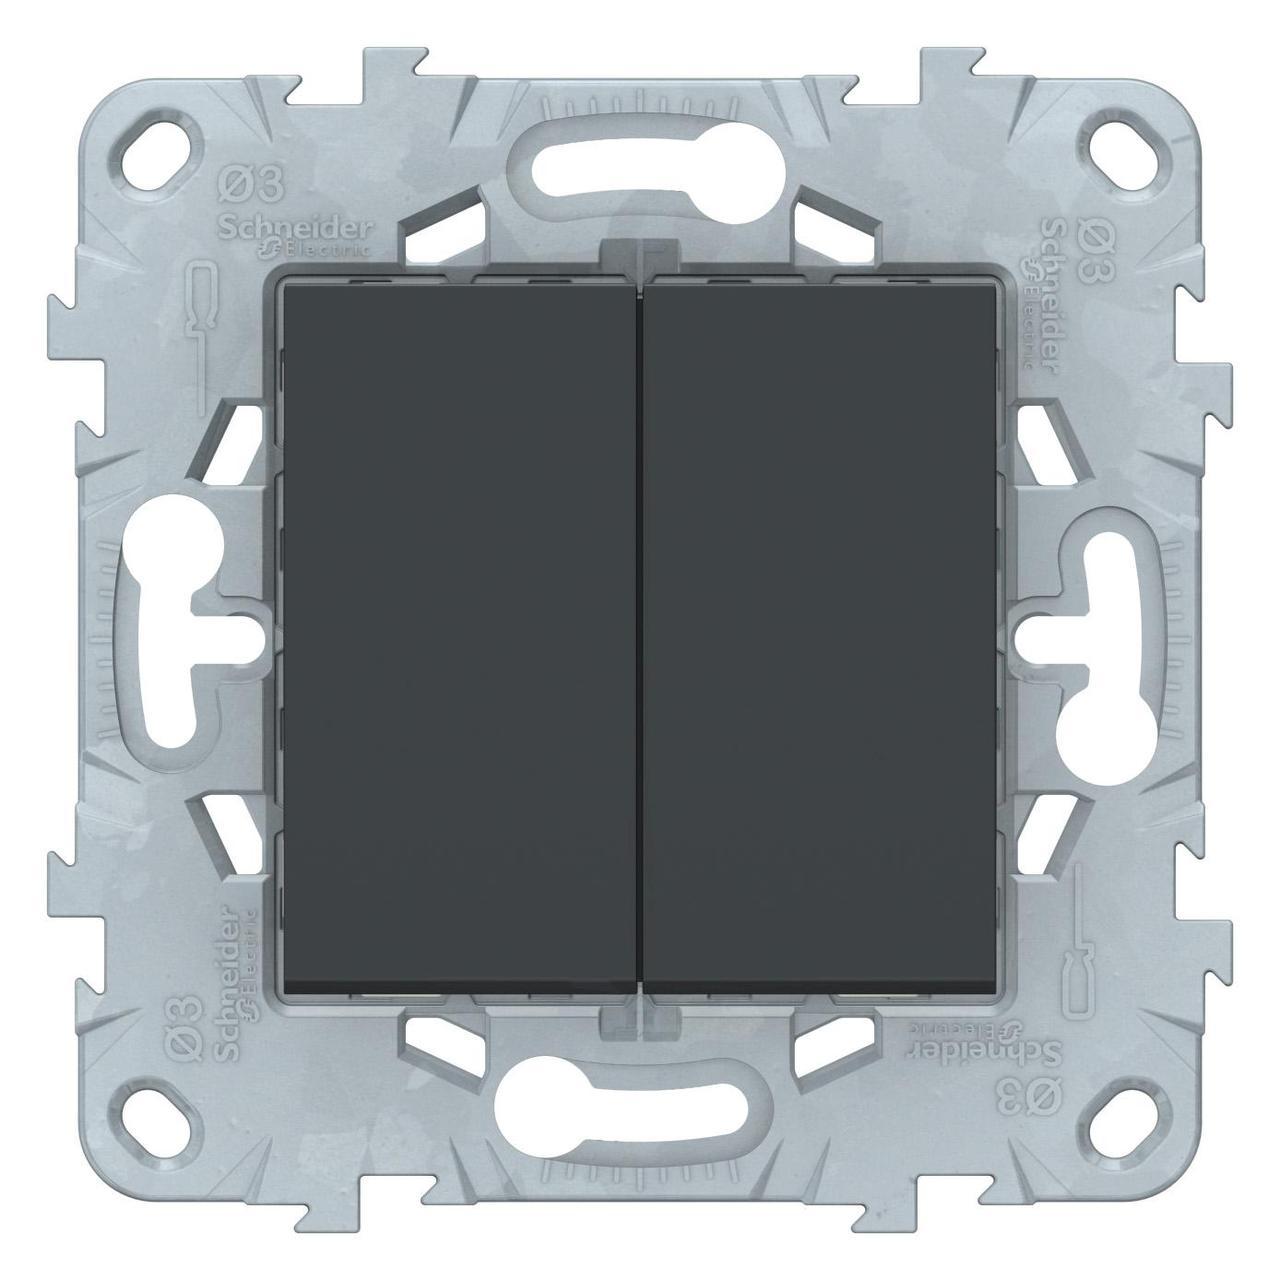 Выключатель 2-клавишный , Антрацит, серия Unica New, Schneider Electric